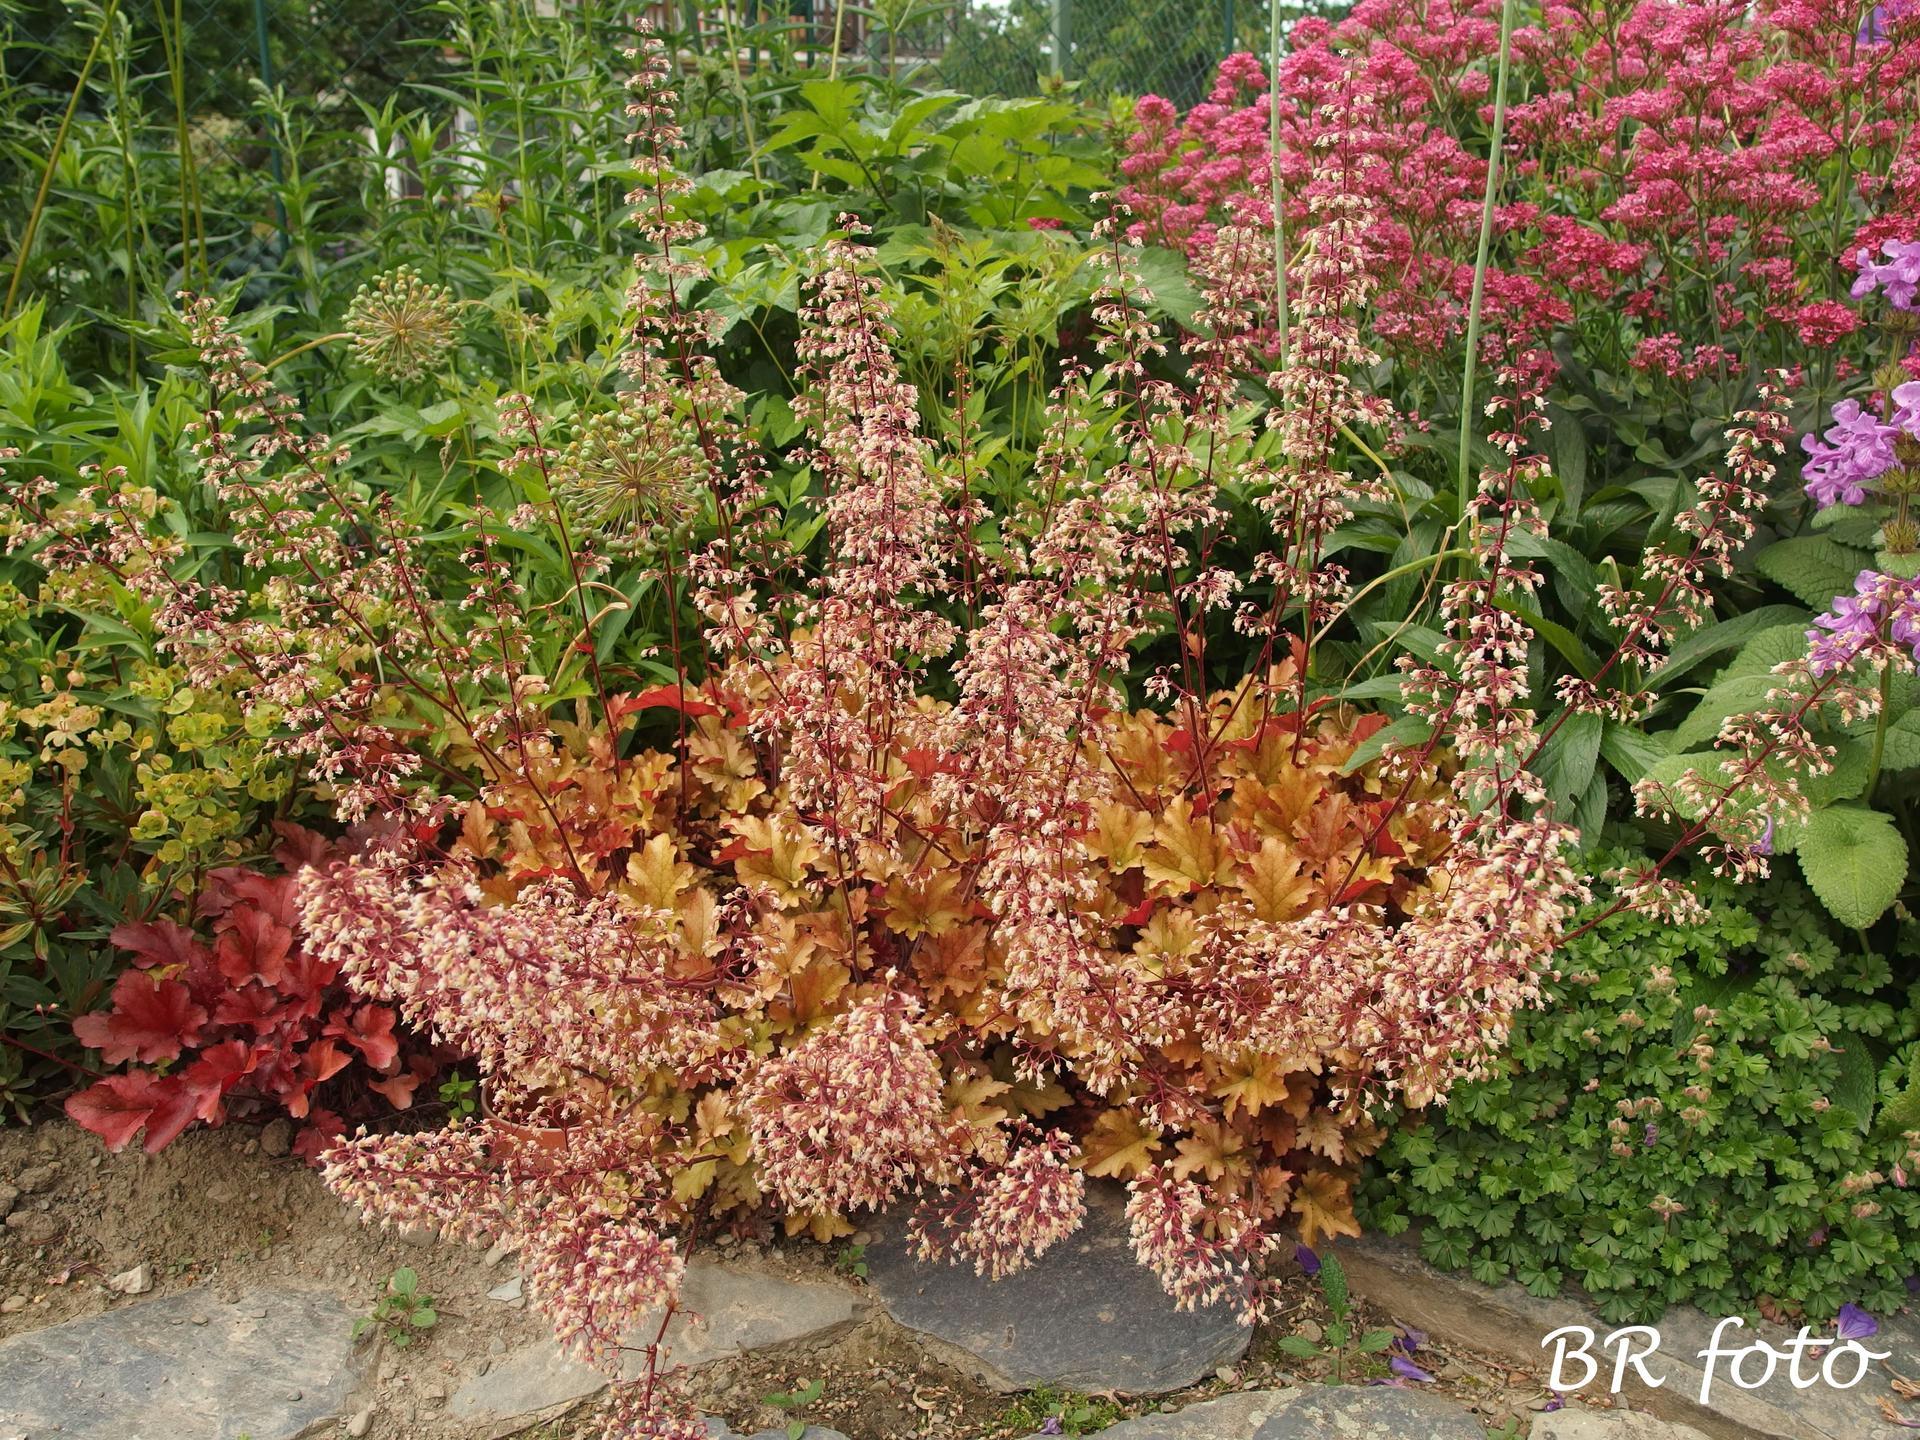 Zahrada v červnu - vše roste a kvete jako o život.... - dlužichy jsou samý květ